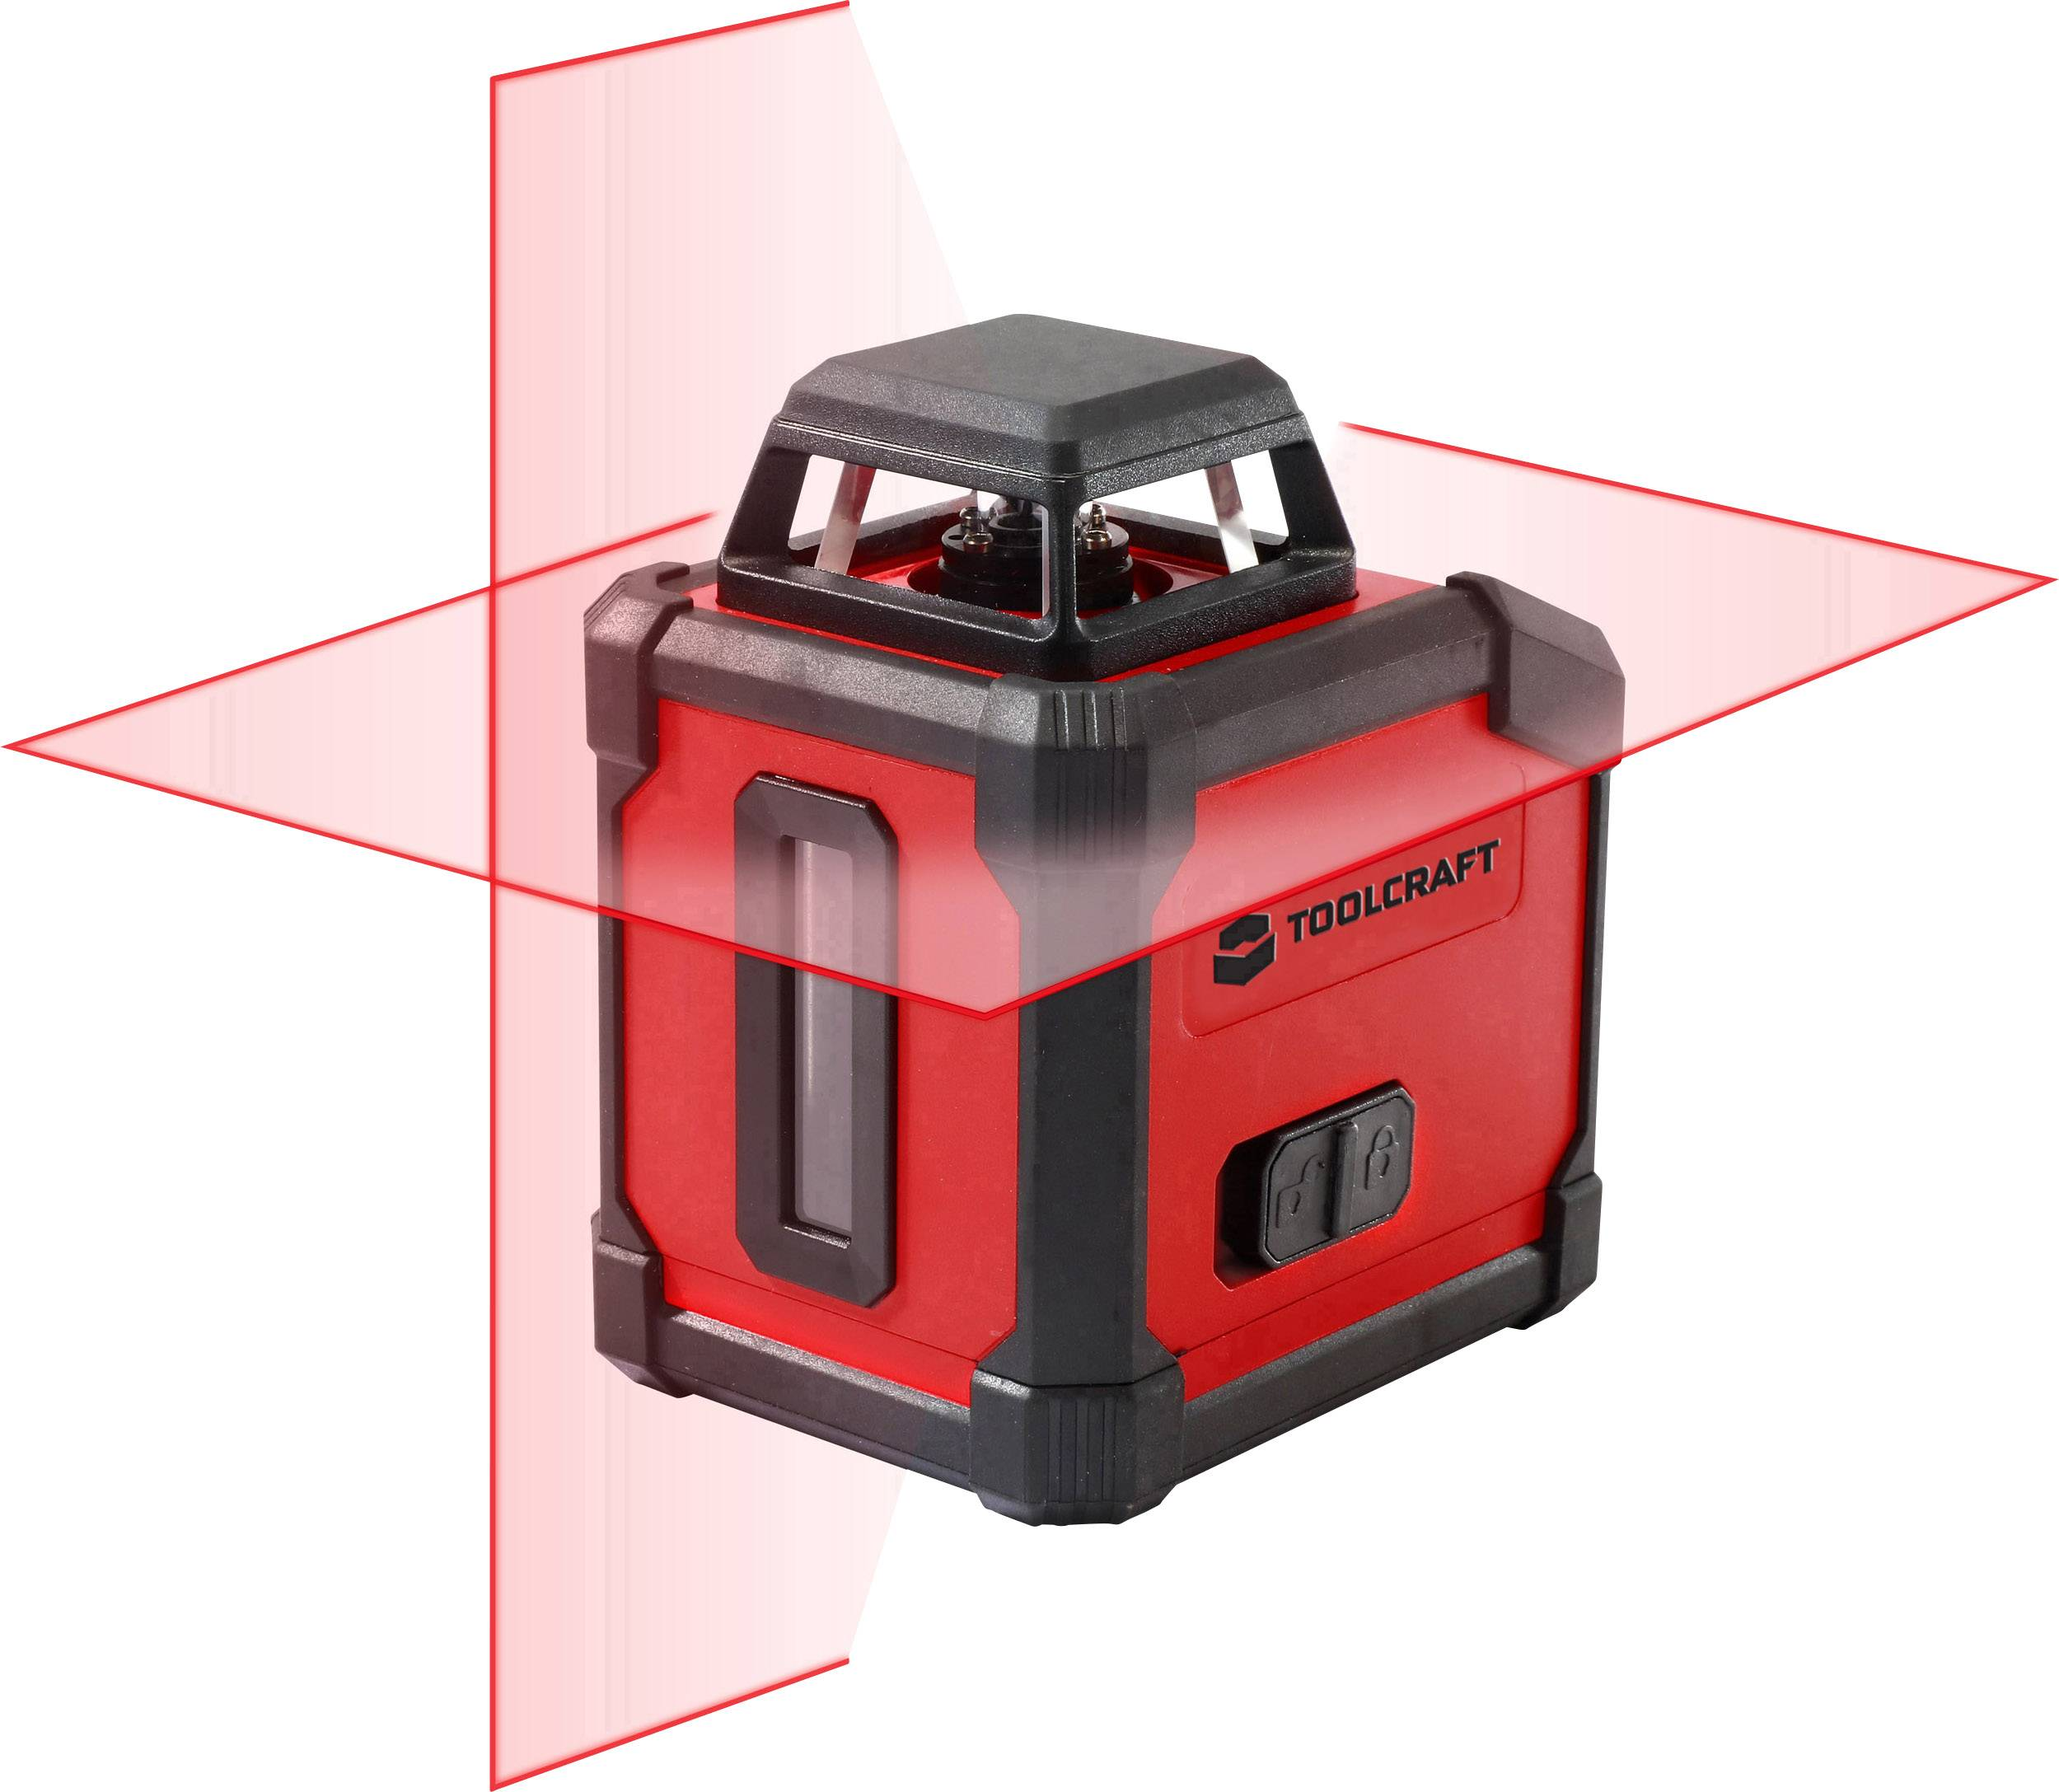 Křížová laserová vodováha samonivelační TOOLCRAFT HLL360, dosah (max.): 10 m, vlastní kalibrace výrobce